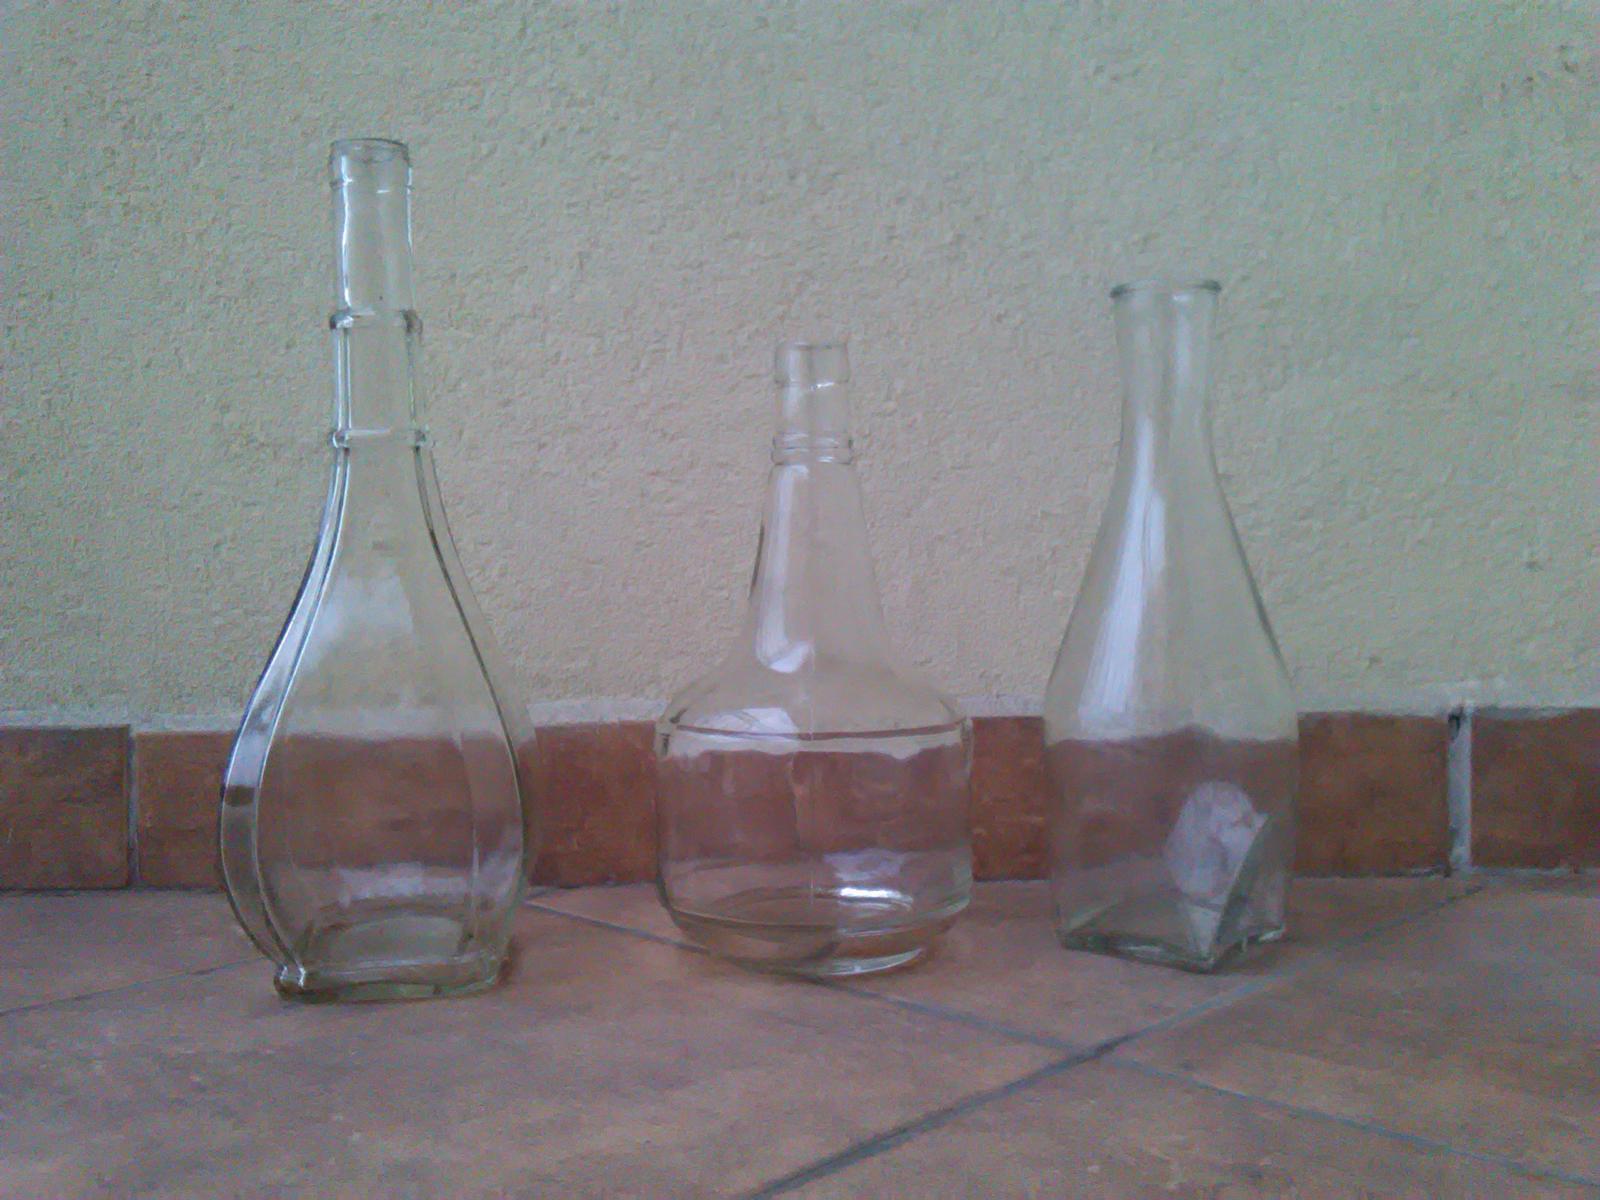 Staré fľaše a karafa s uzáverom - Obrázok č. 1